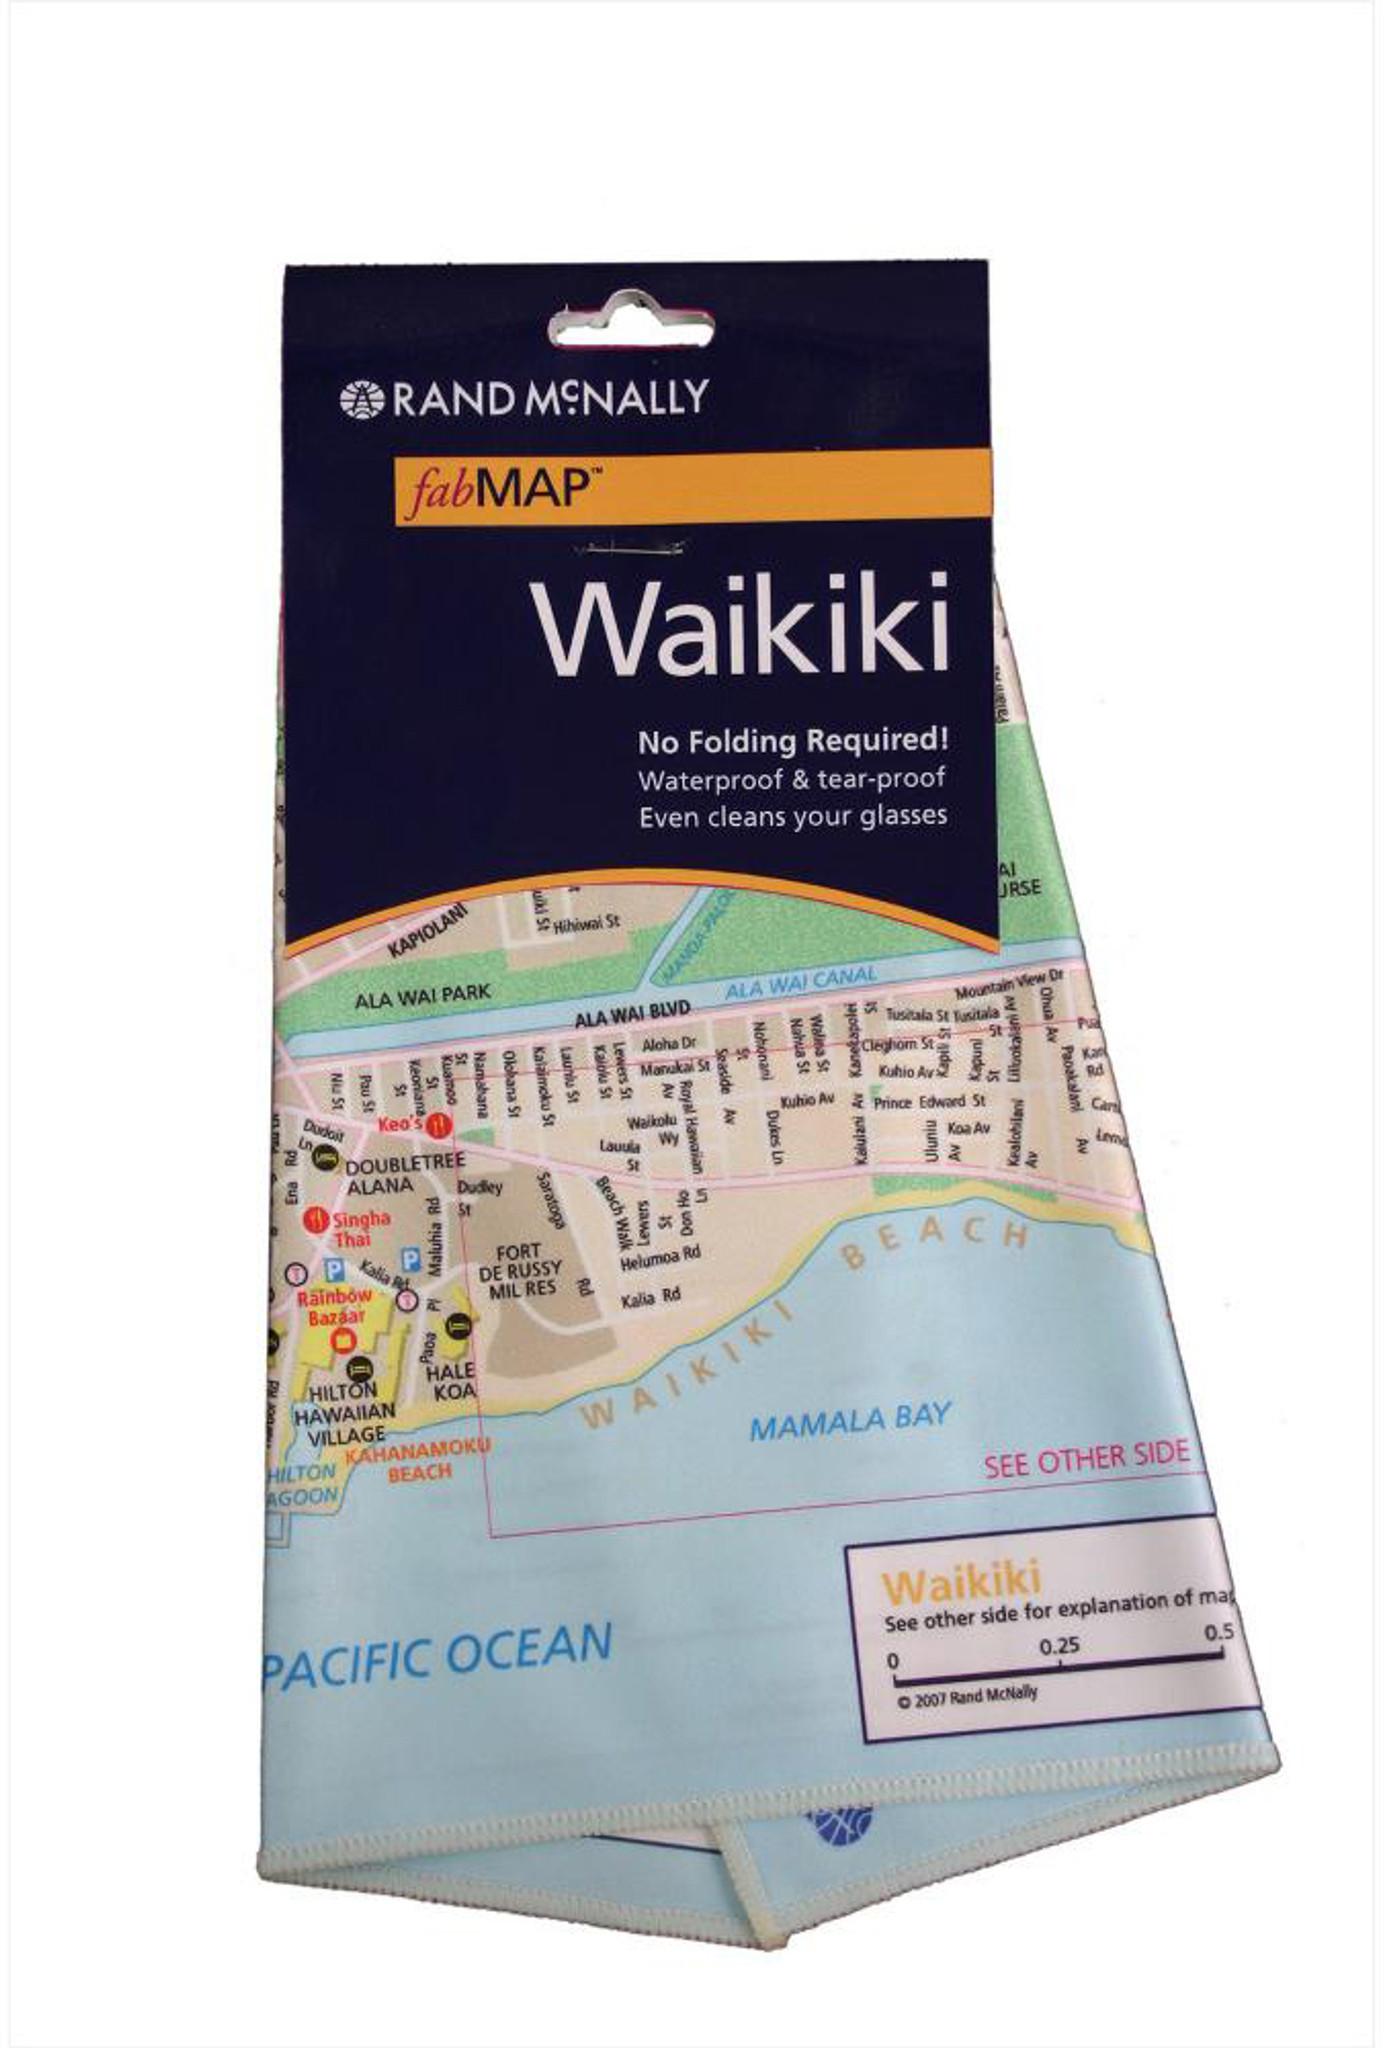 photo relating to Printable Map of Waikiki named fabMAP: Waikiki